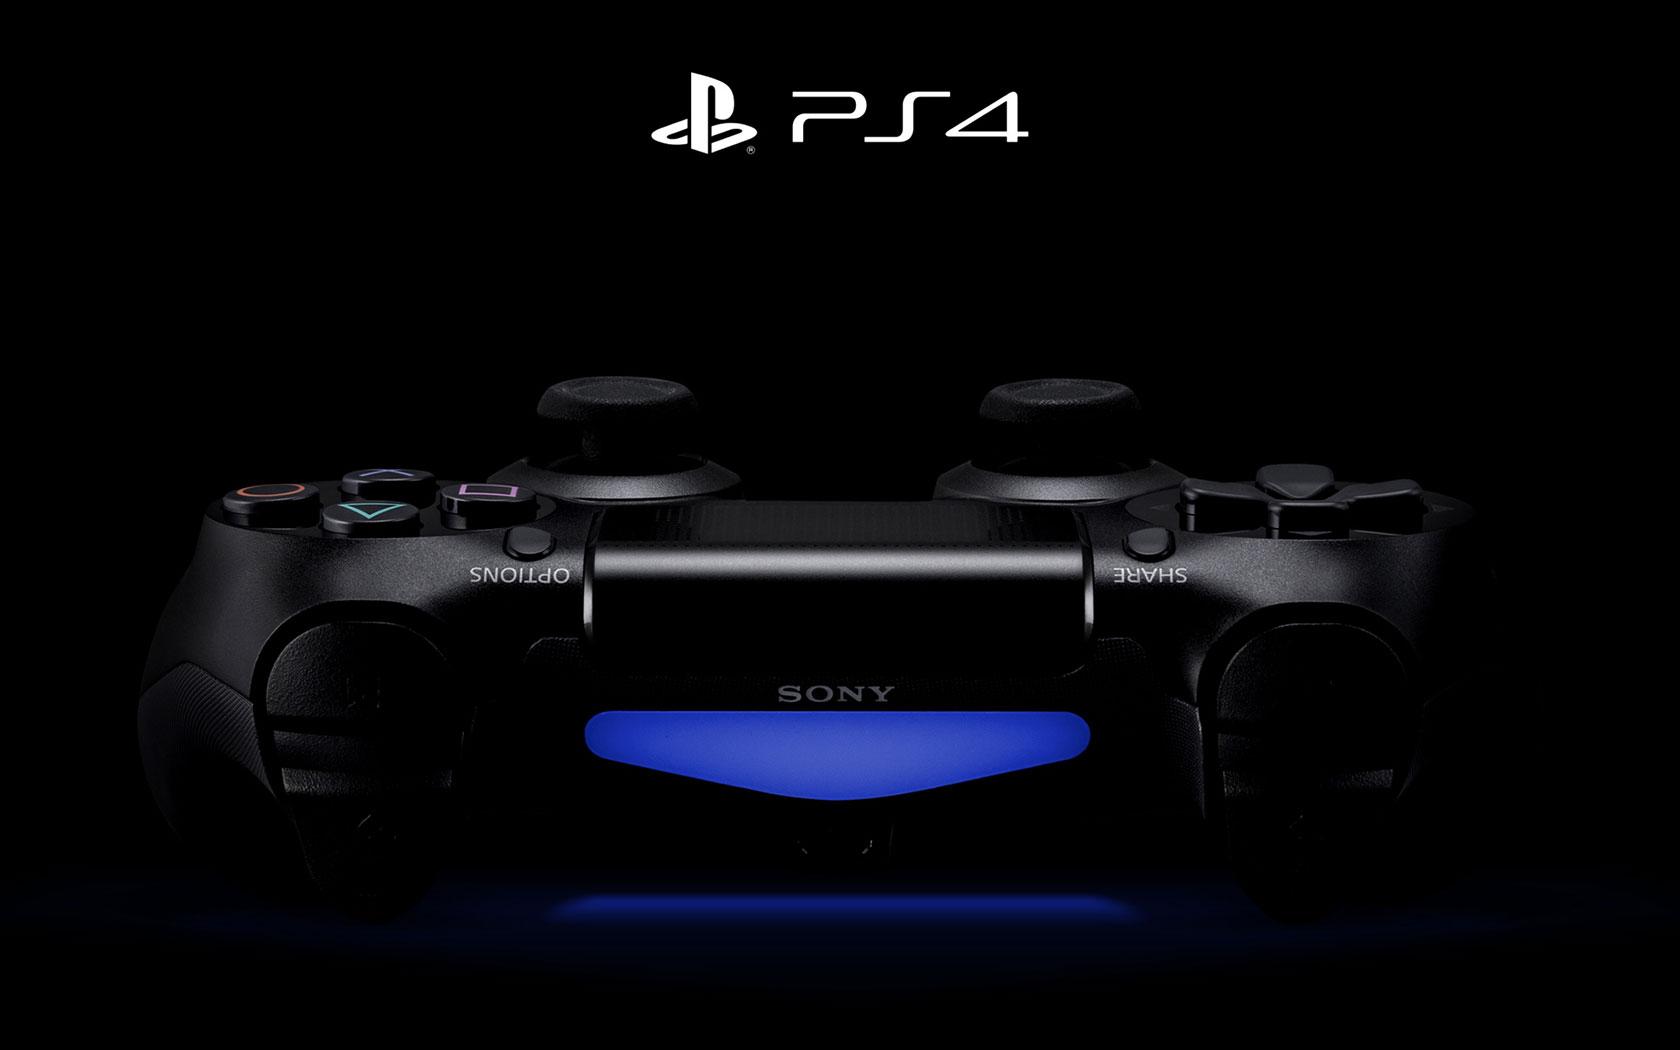 PlayStation 4 se ha actualizado esta semana con un nuevo reproductor multimedia